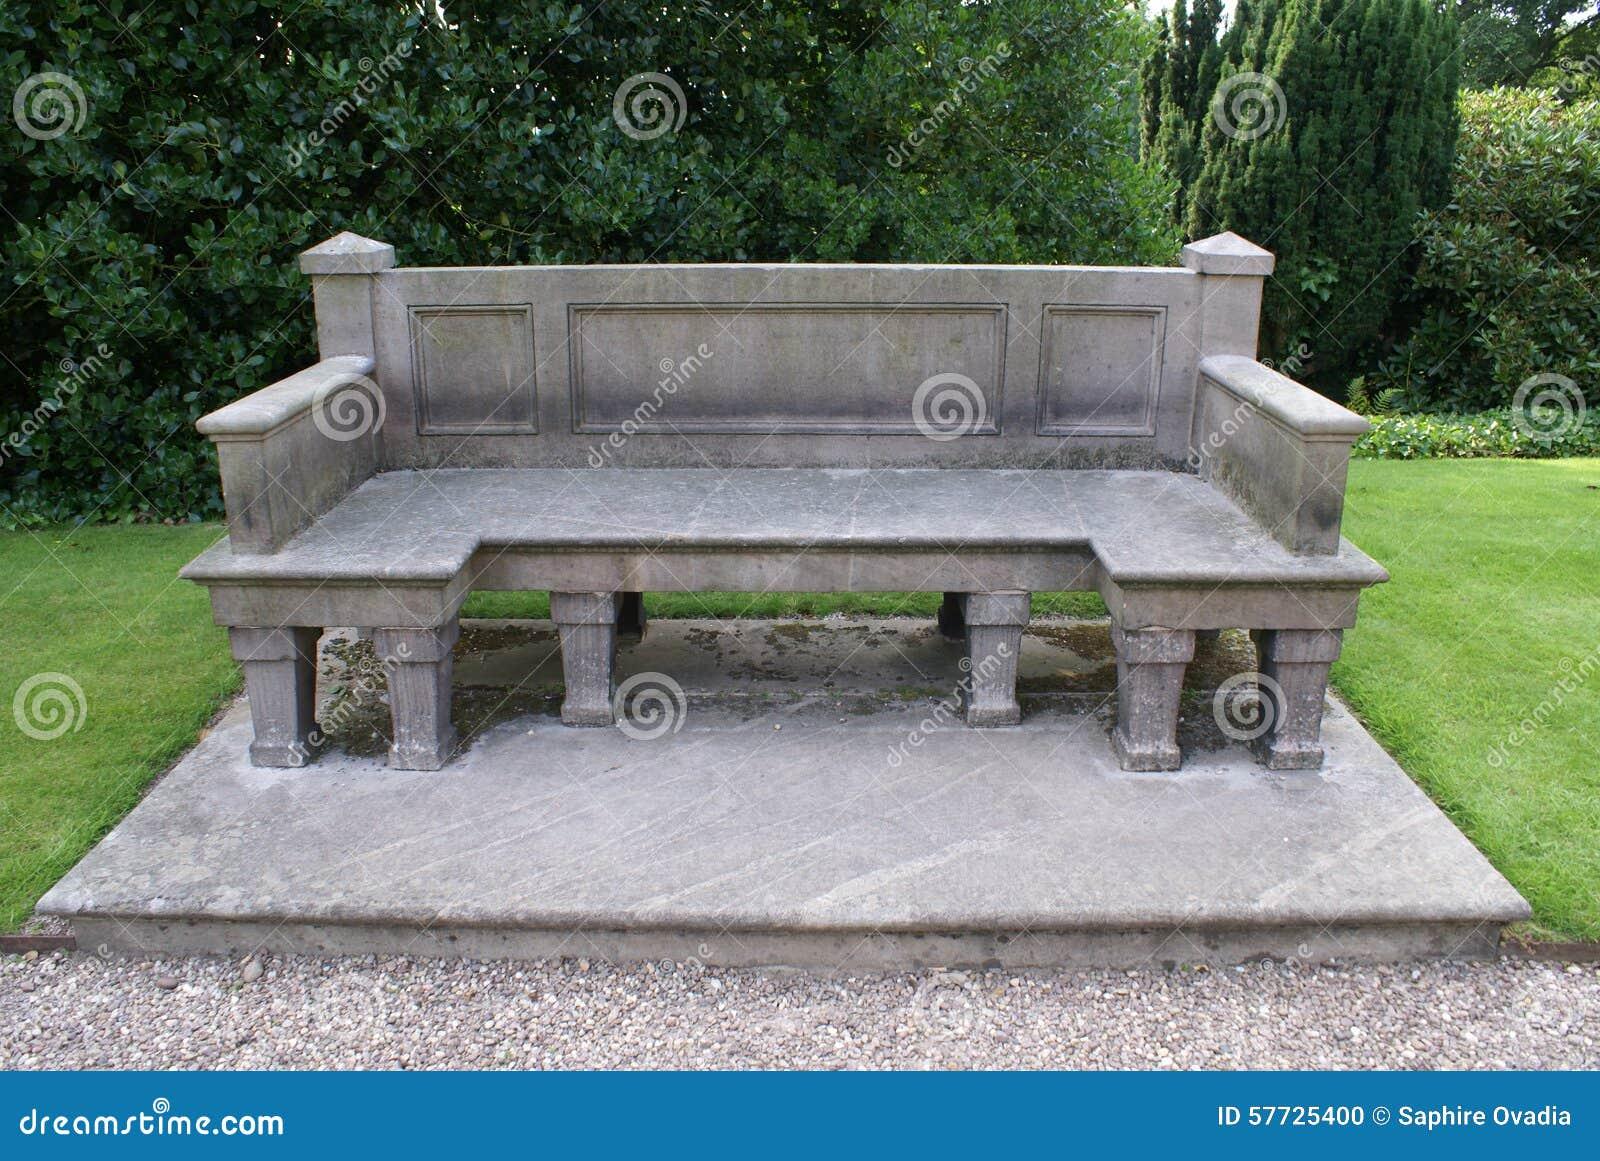 Asiento de piedra empiedre el banco foto de archivo for Banco de piedra para jardin